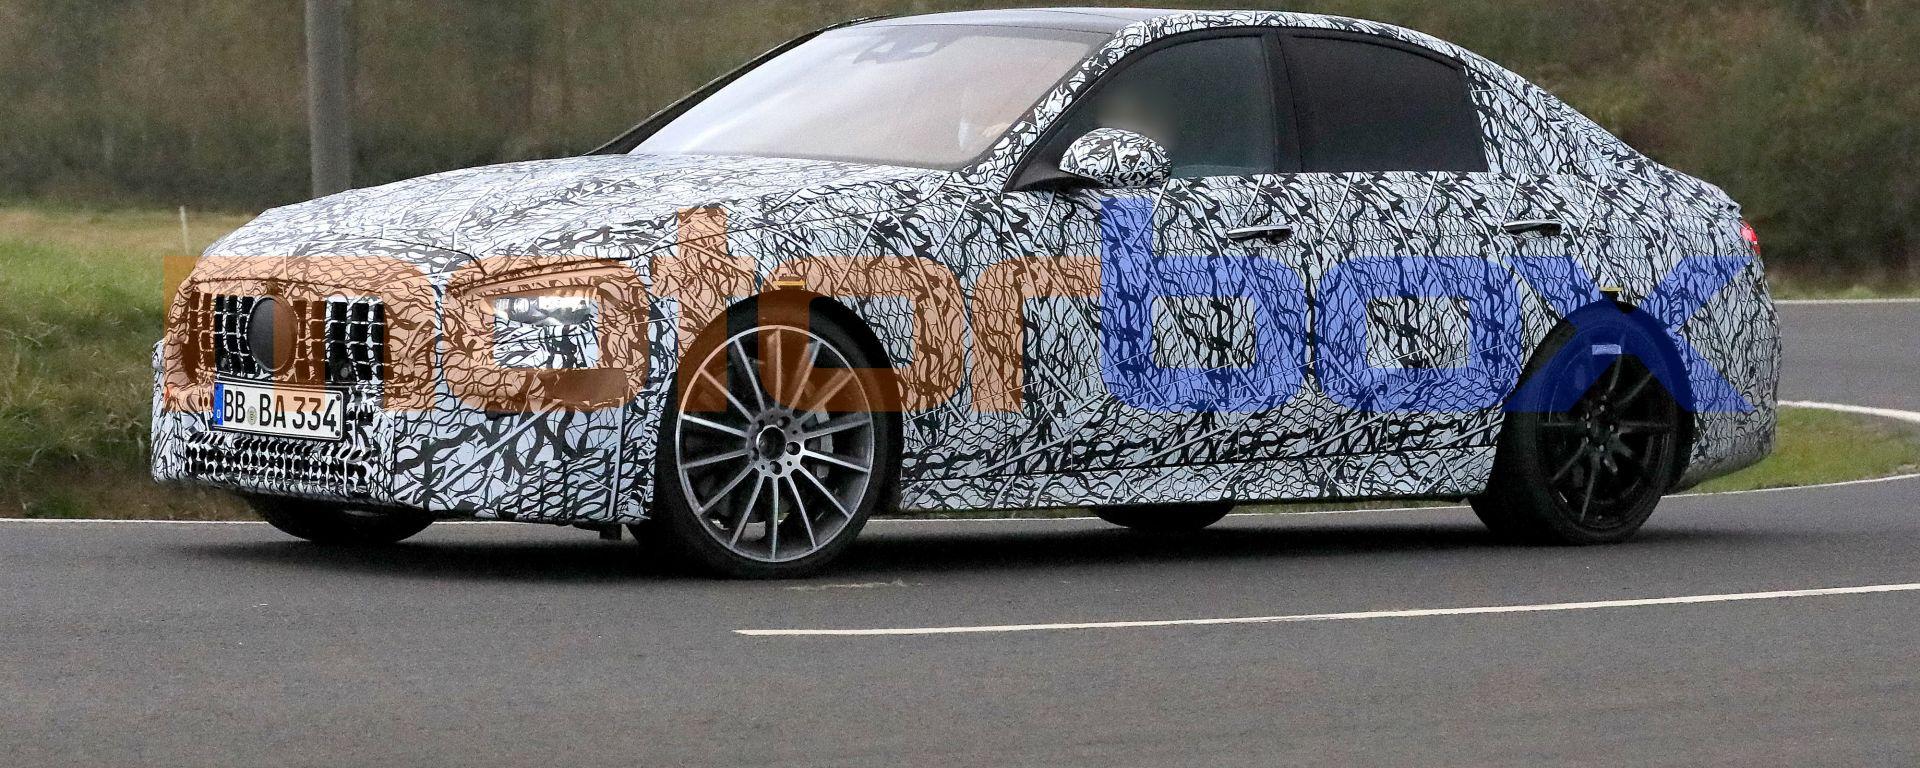 Nuova Mercedes C43 AMG: debutto previsto nel 2021